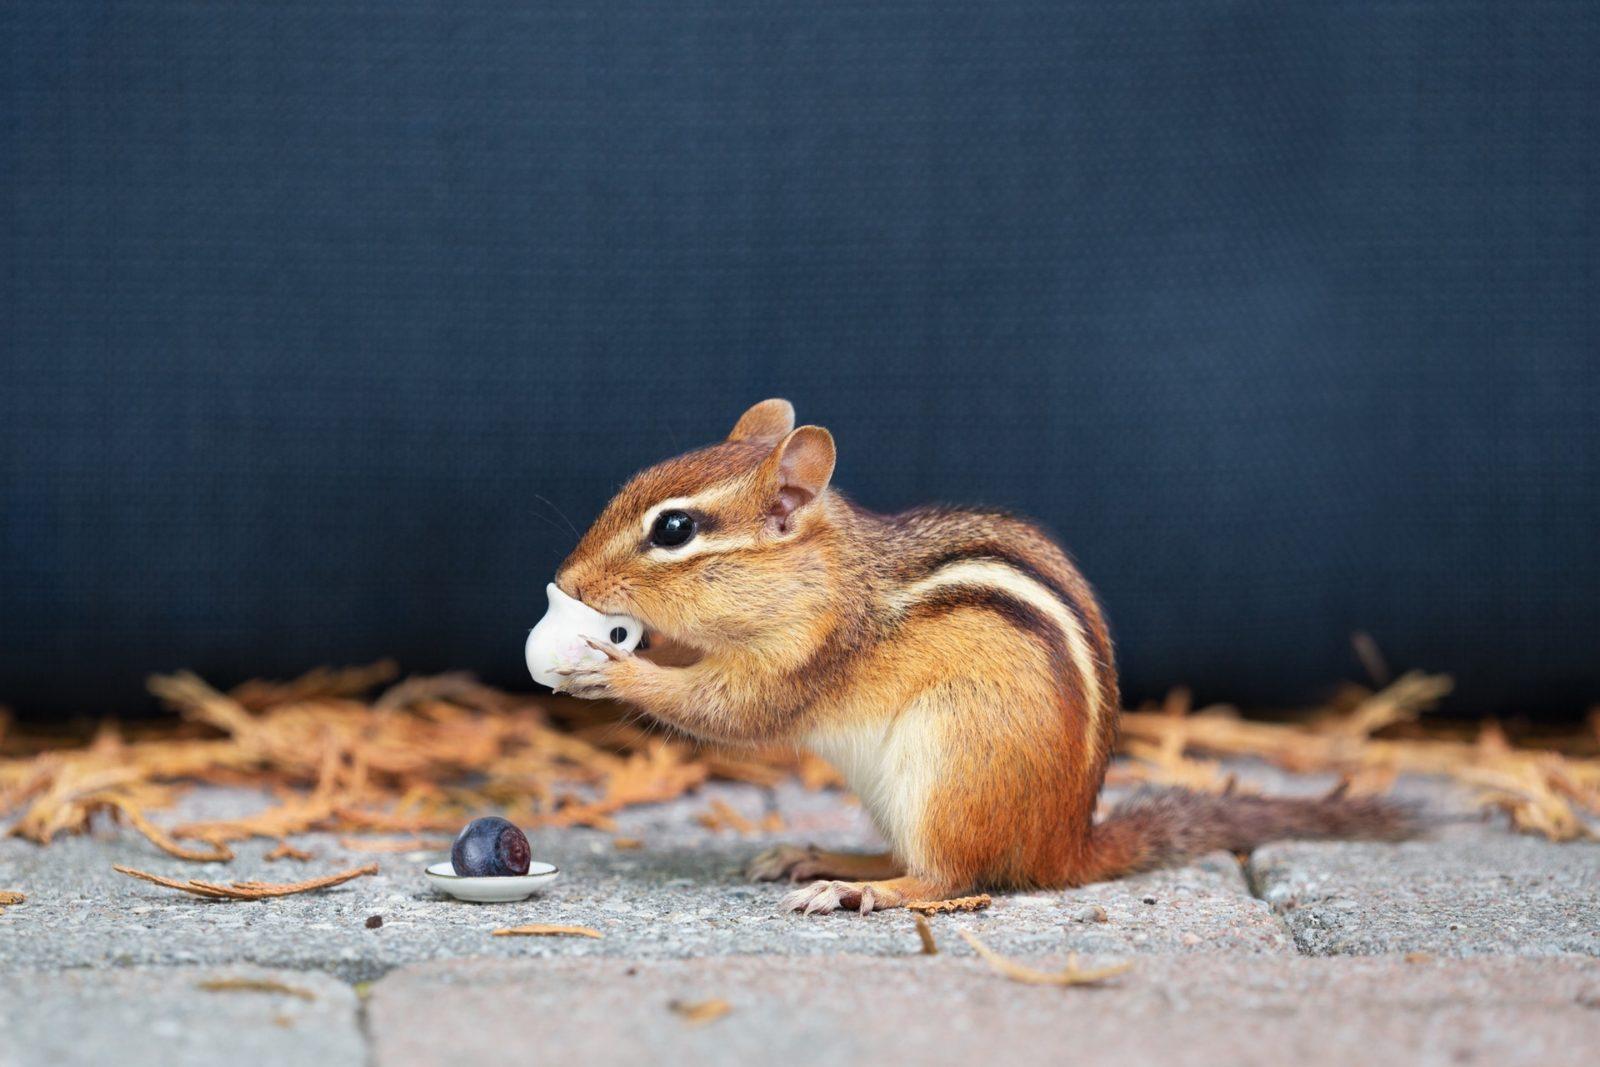 sonhar com esquilo